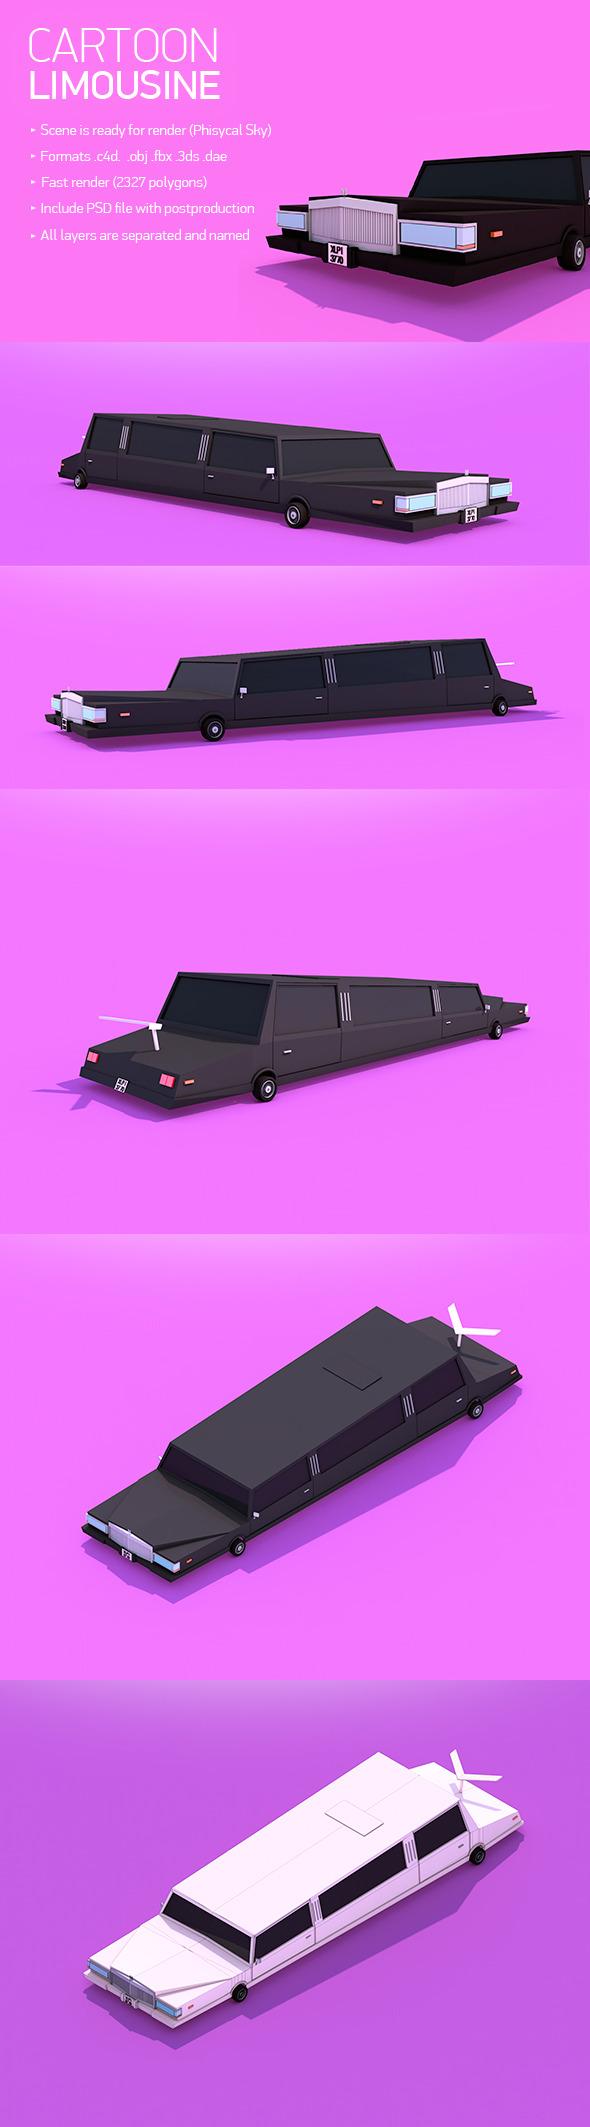 Cartoon Limousine